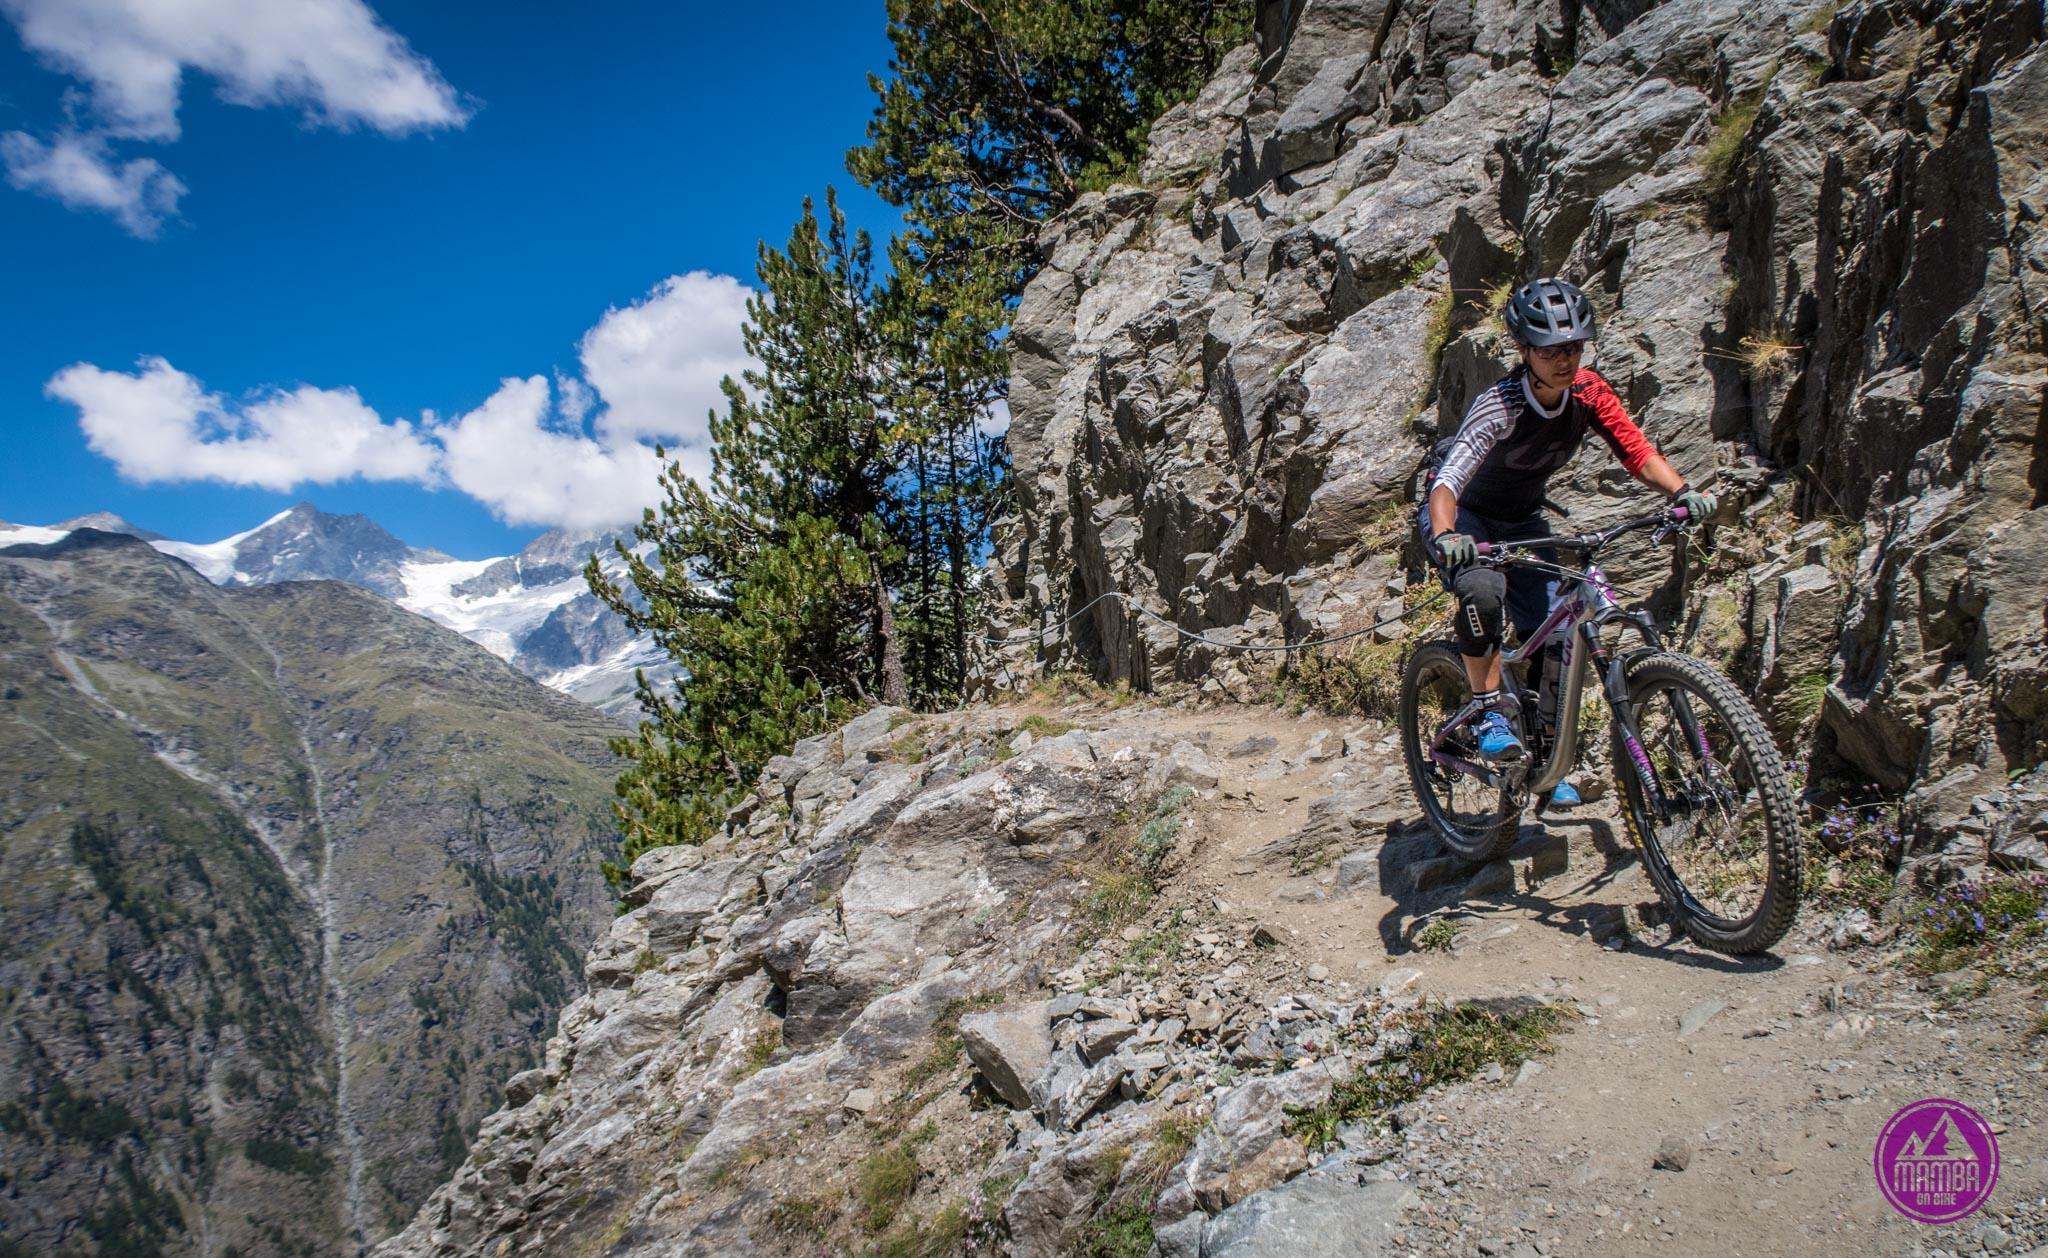 Heli biking Zermatt - eksponowana ścieżka rowerowa